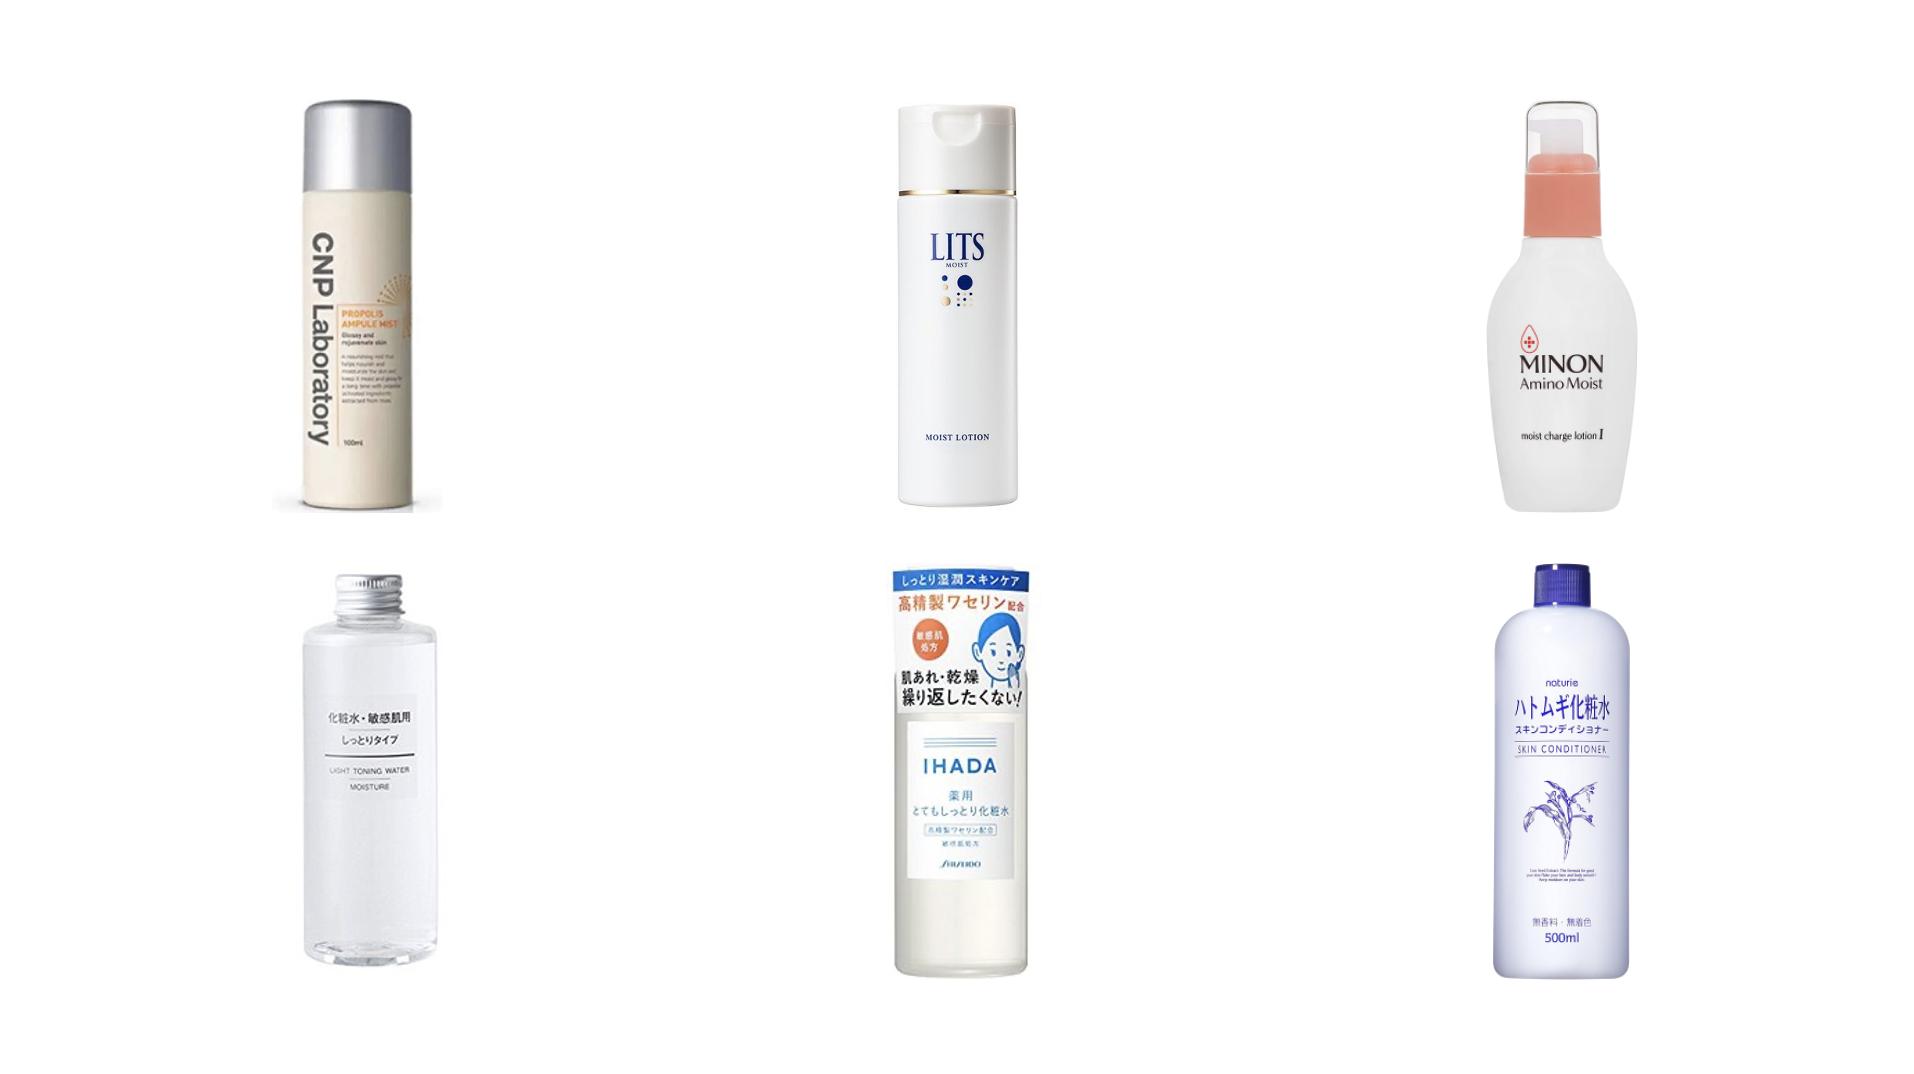 30代向け化粧水のおすすめ人気ランキング19選!プチプラ・デパコス・ドラッグストアの人気アイテムを厳選